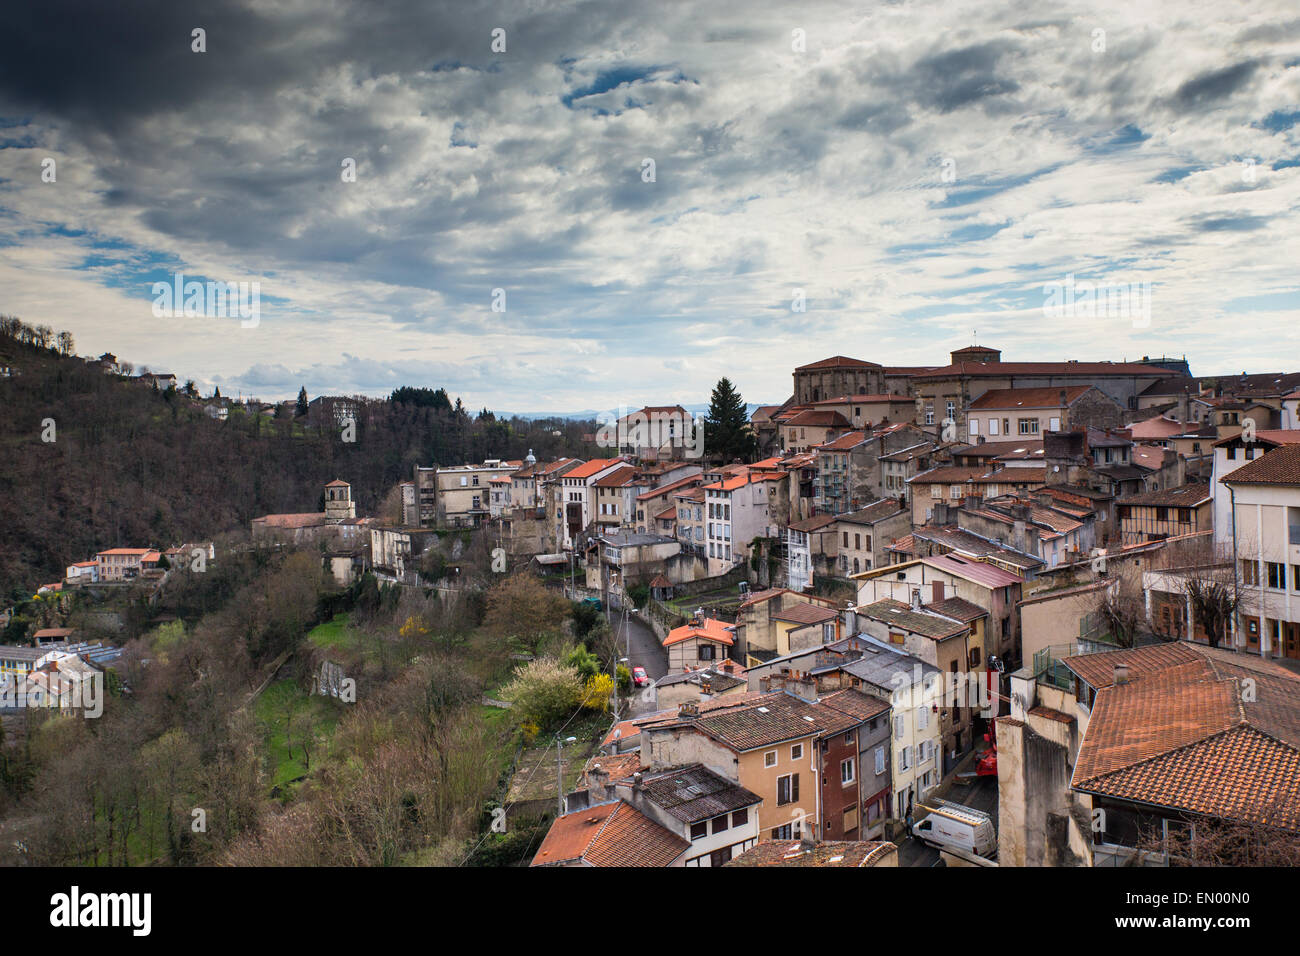 La ciudad de Thiers en Auvernia departement de Francia. Imagen De Stock